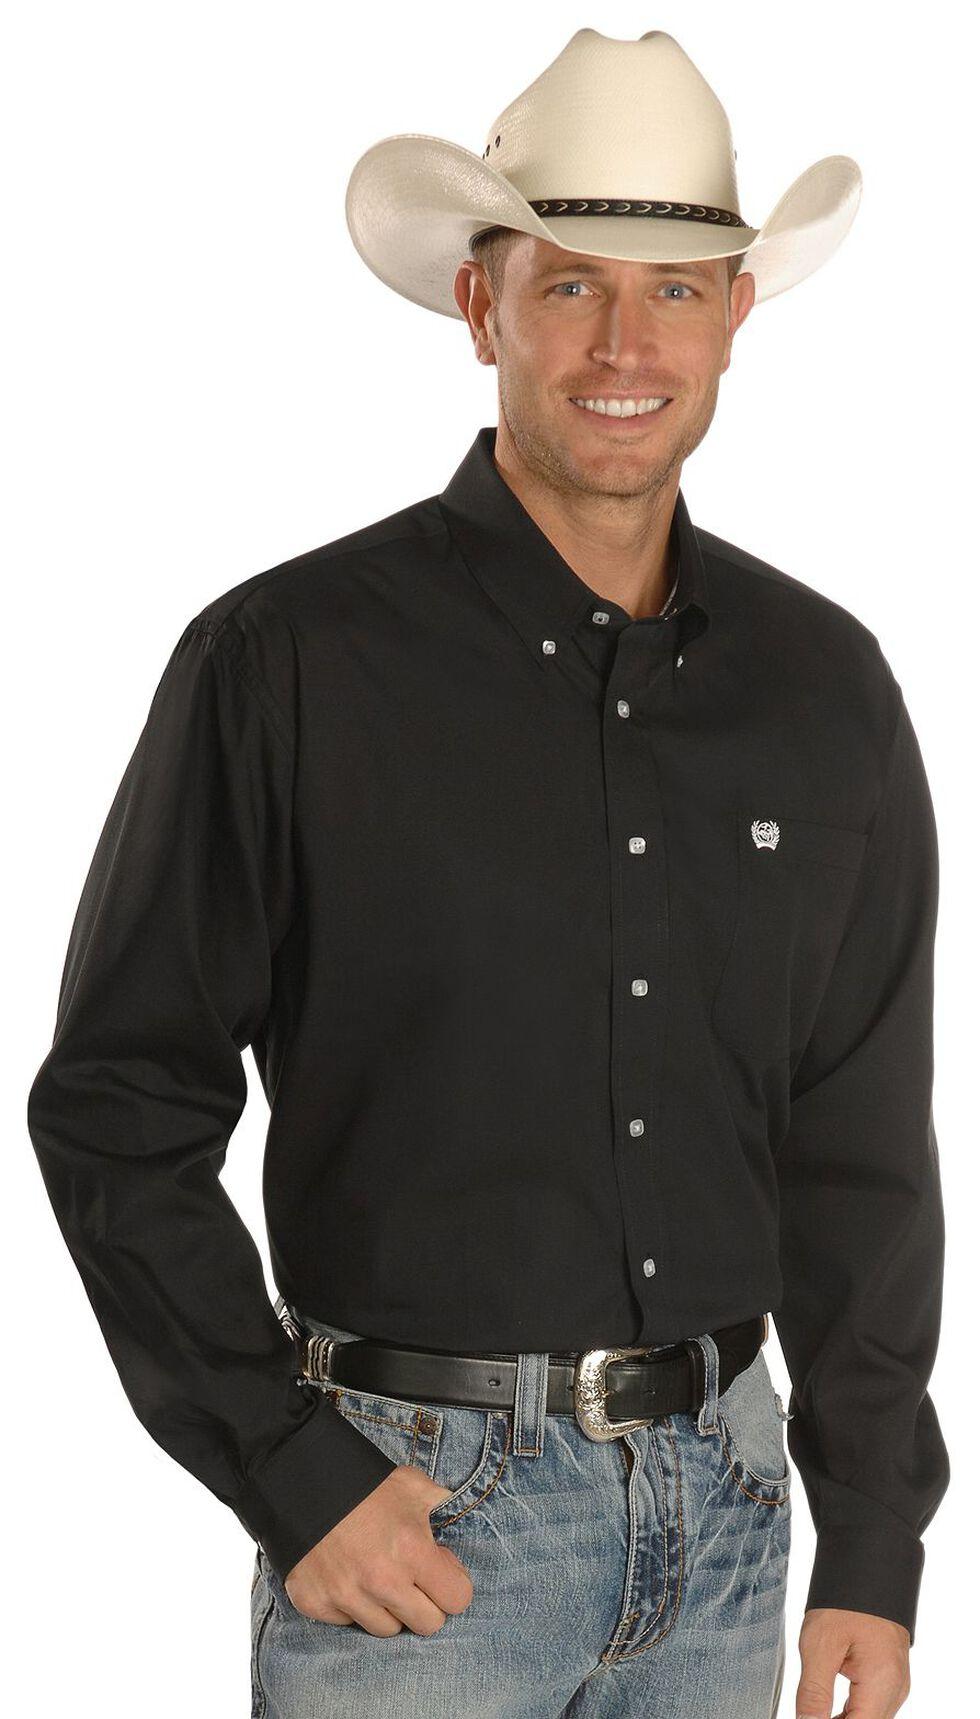 Cinch Solid Weave Black Shirt - Big & Tall, Black, hi-res